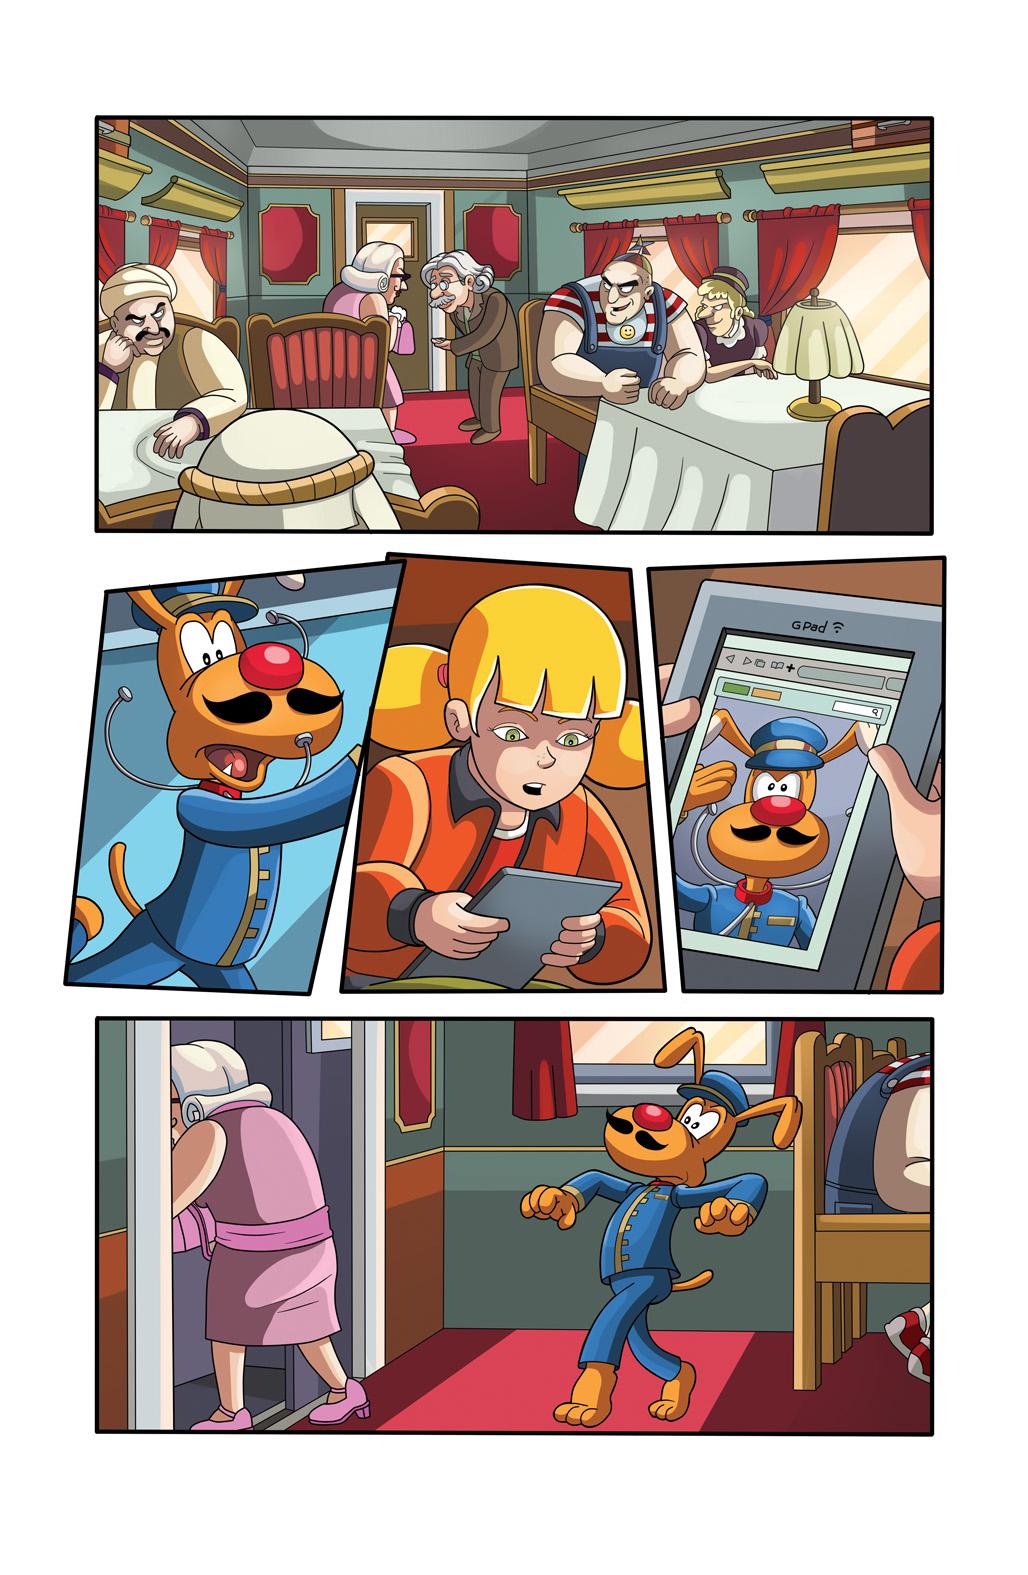 инспектор гаджет комиксы